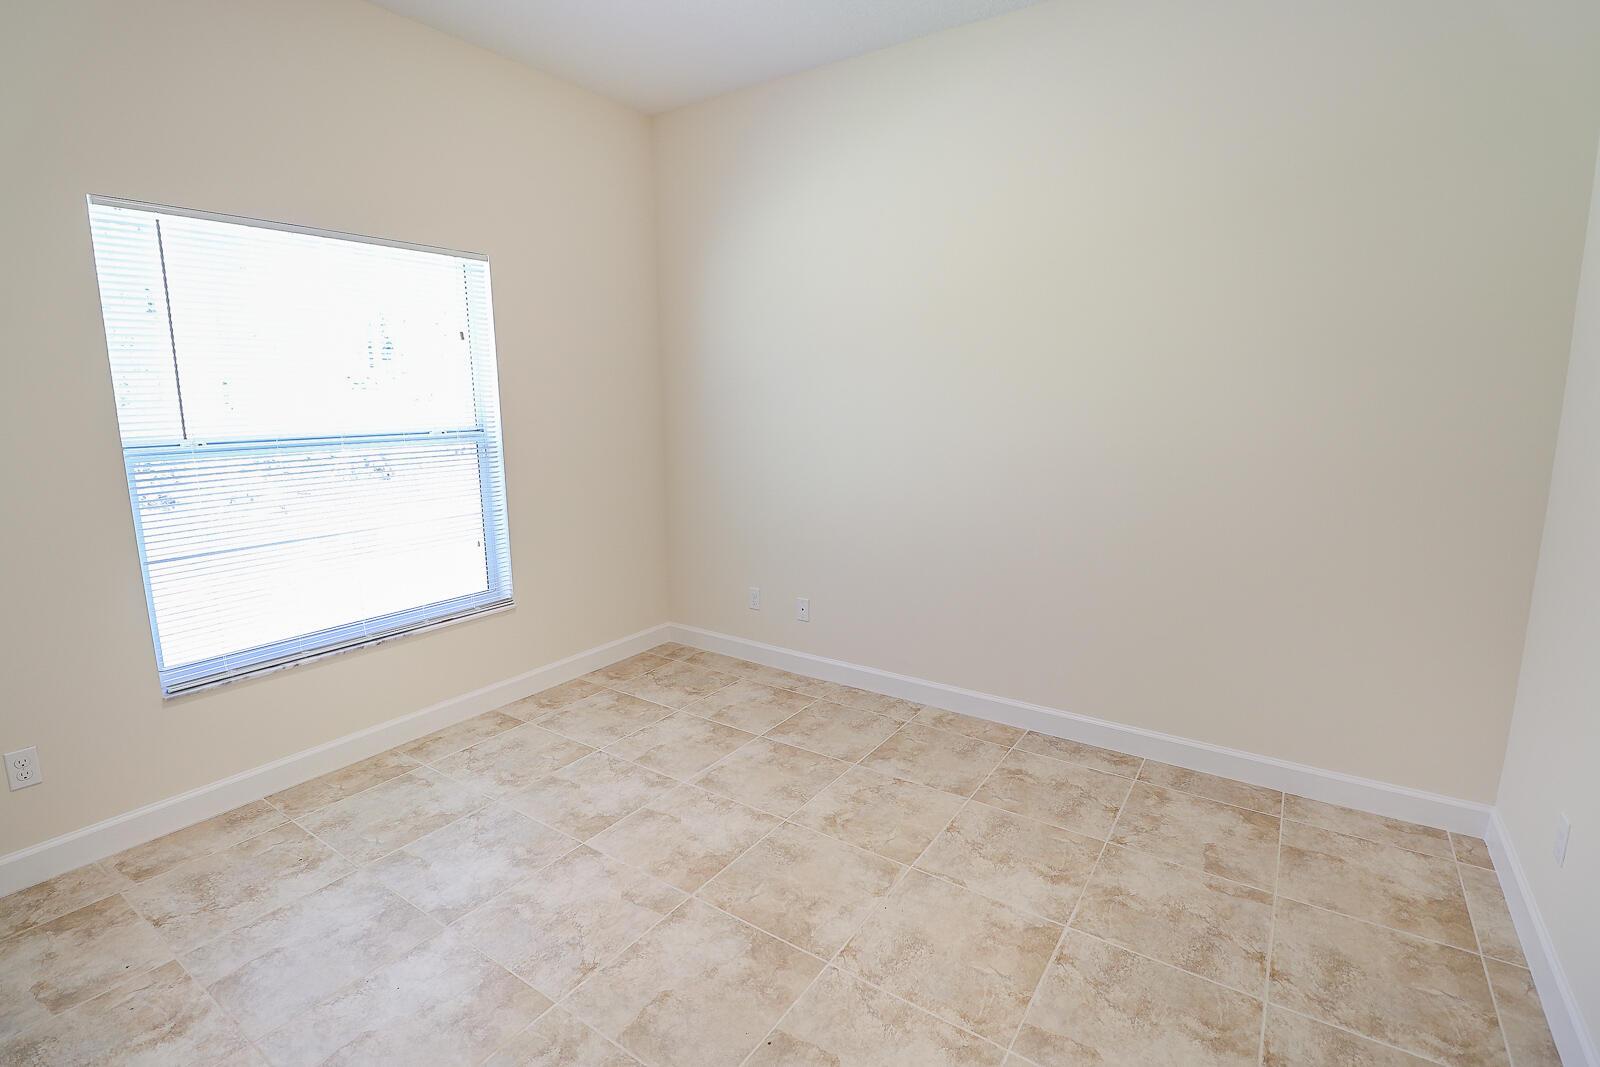 32-Bedroom 3